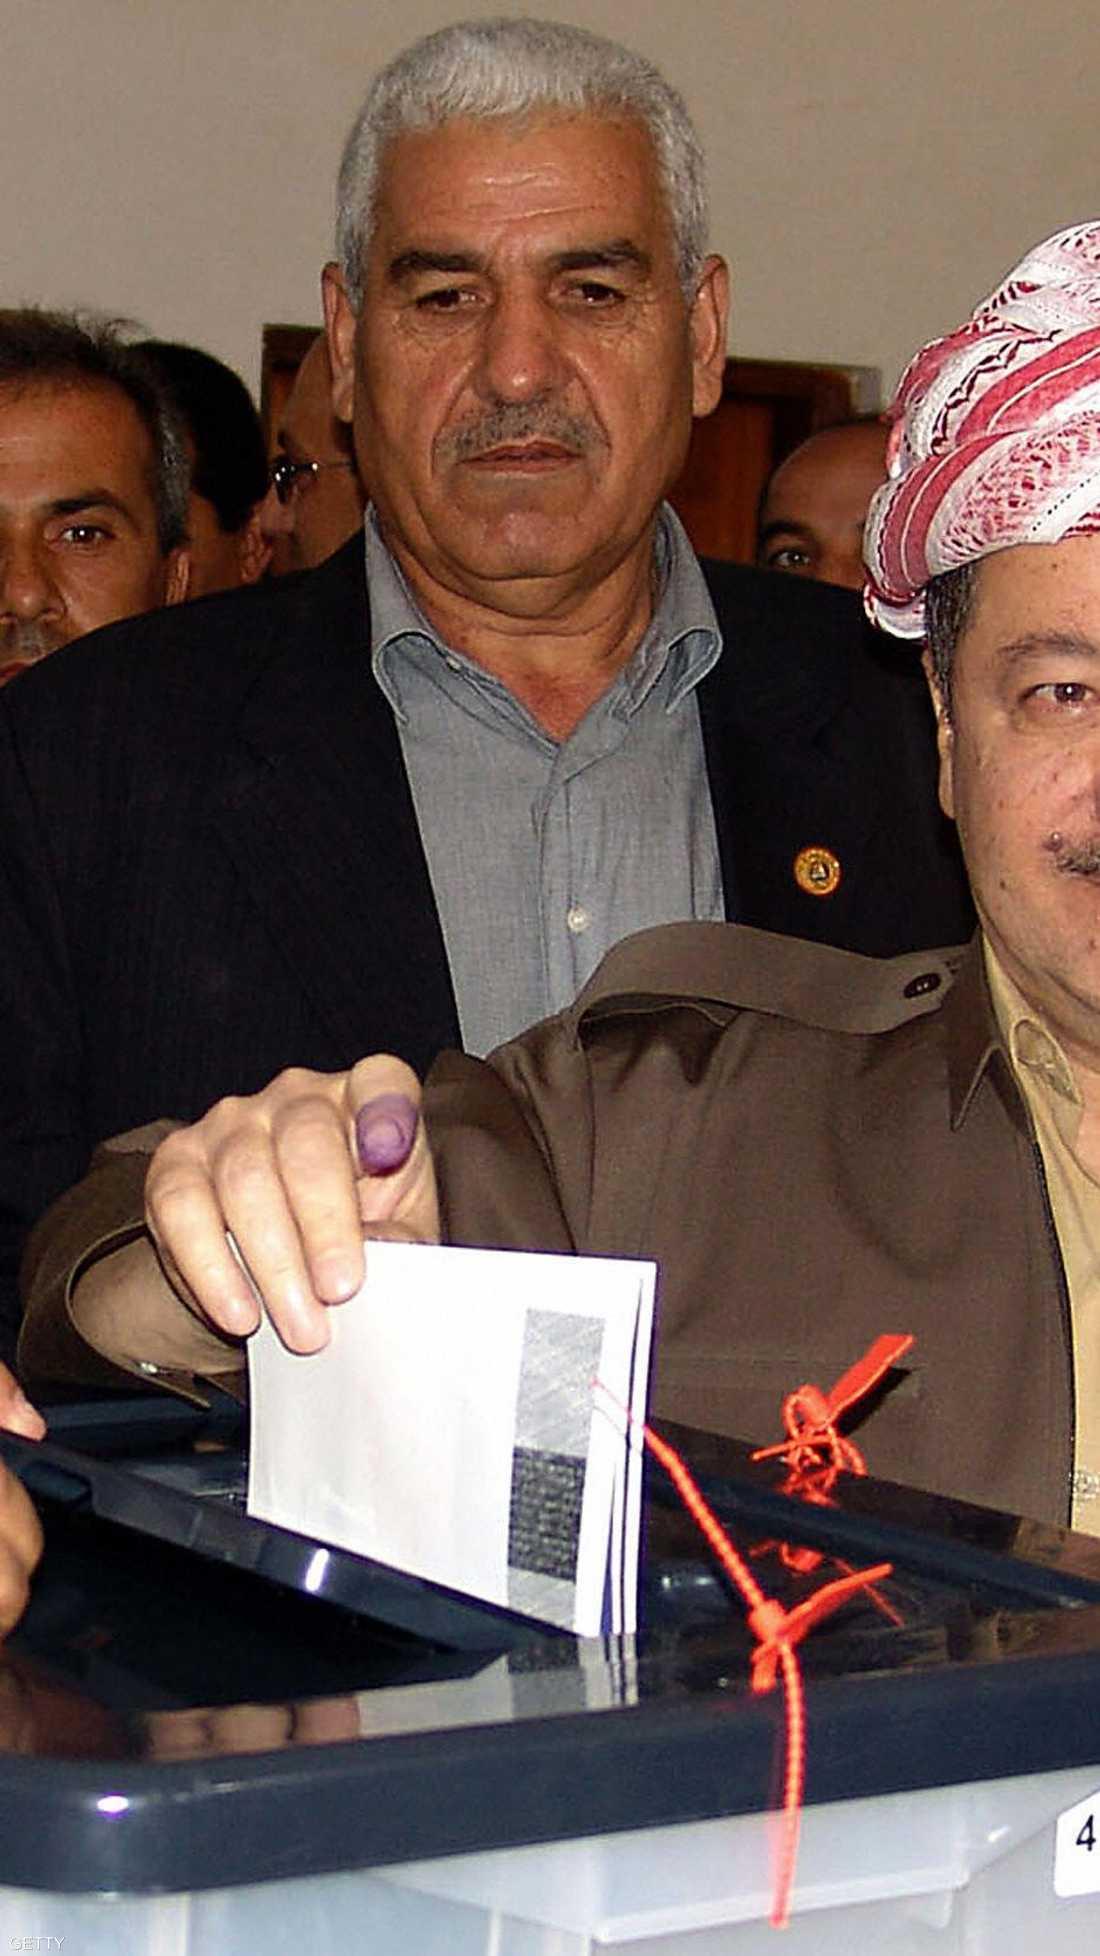 تولى إدارة الإقليم الكردي بقبضة حديدية منذ عام 2005